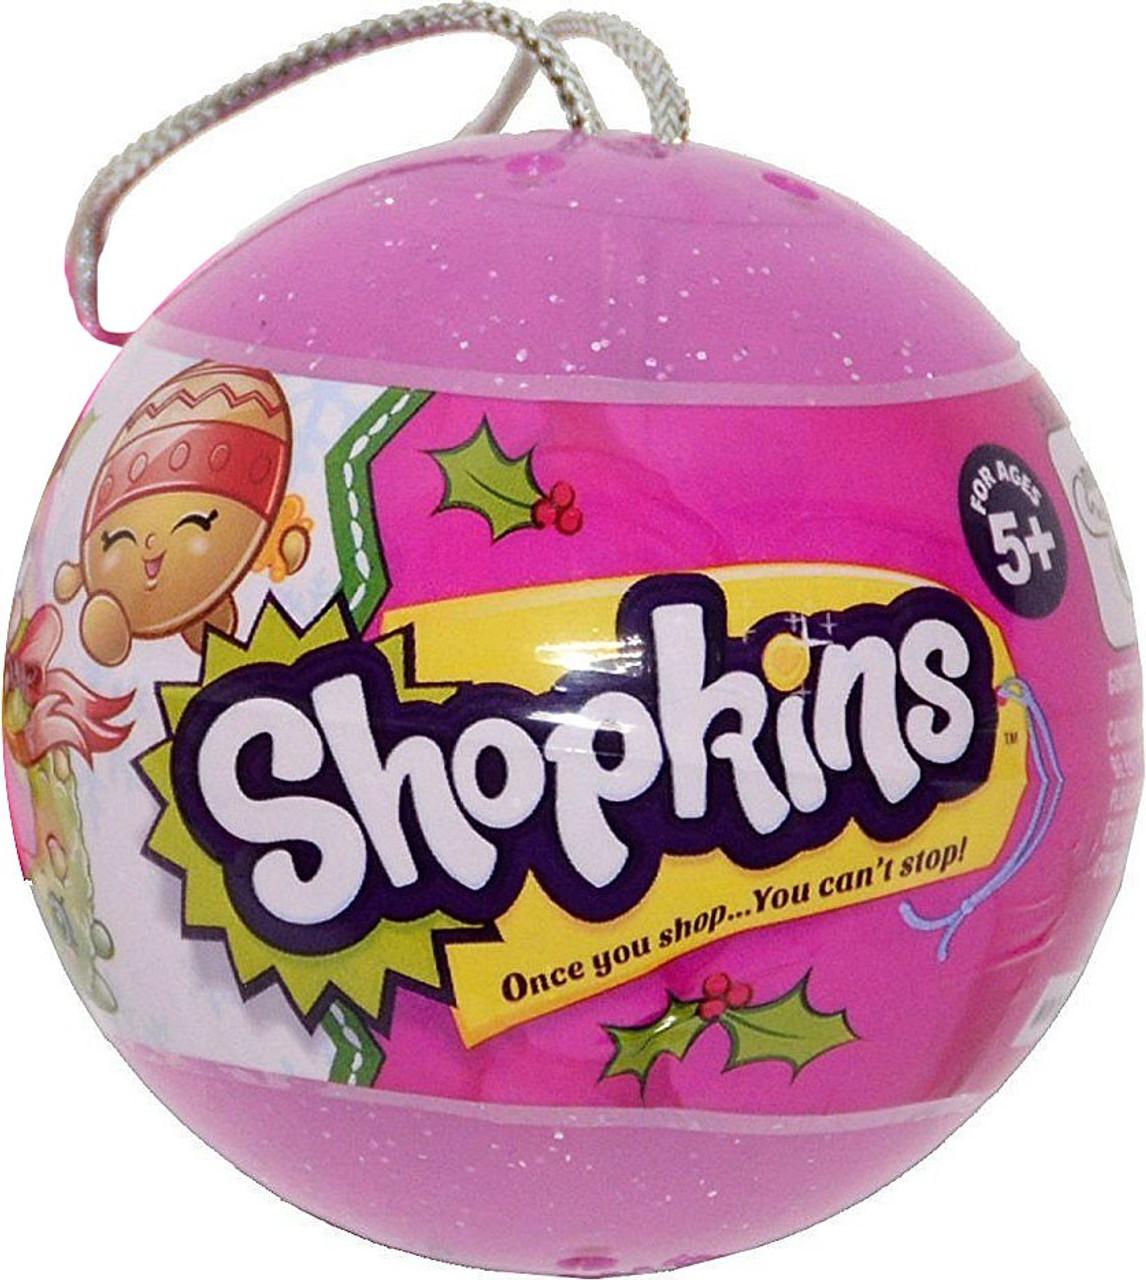 Shopkins 2016 Christmas Bauble Ornament 2 Surprise Shopkins Clear ...